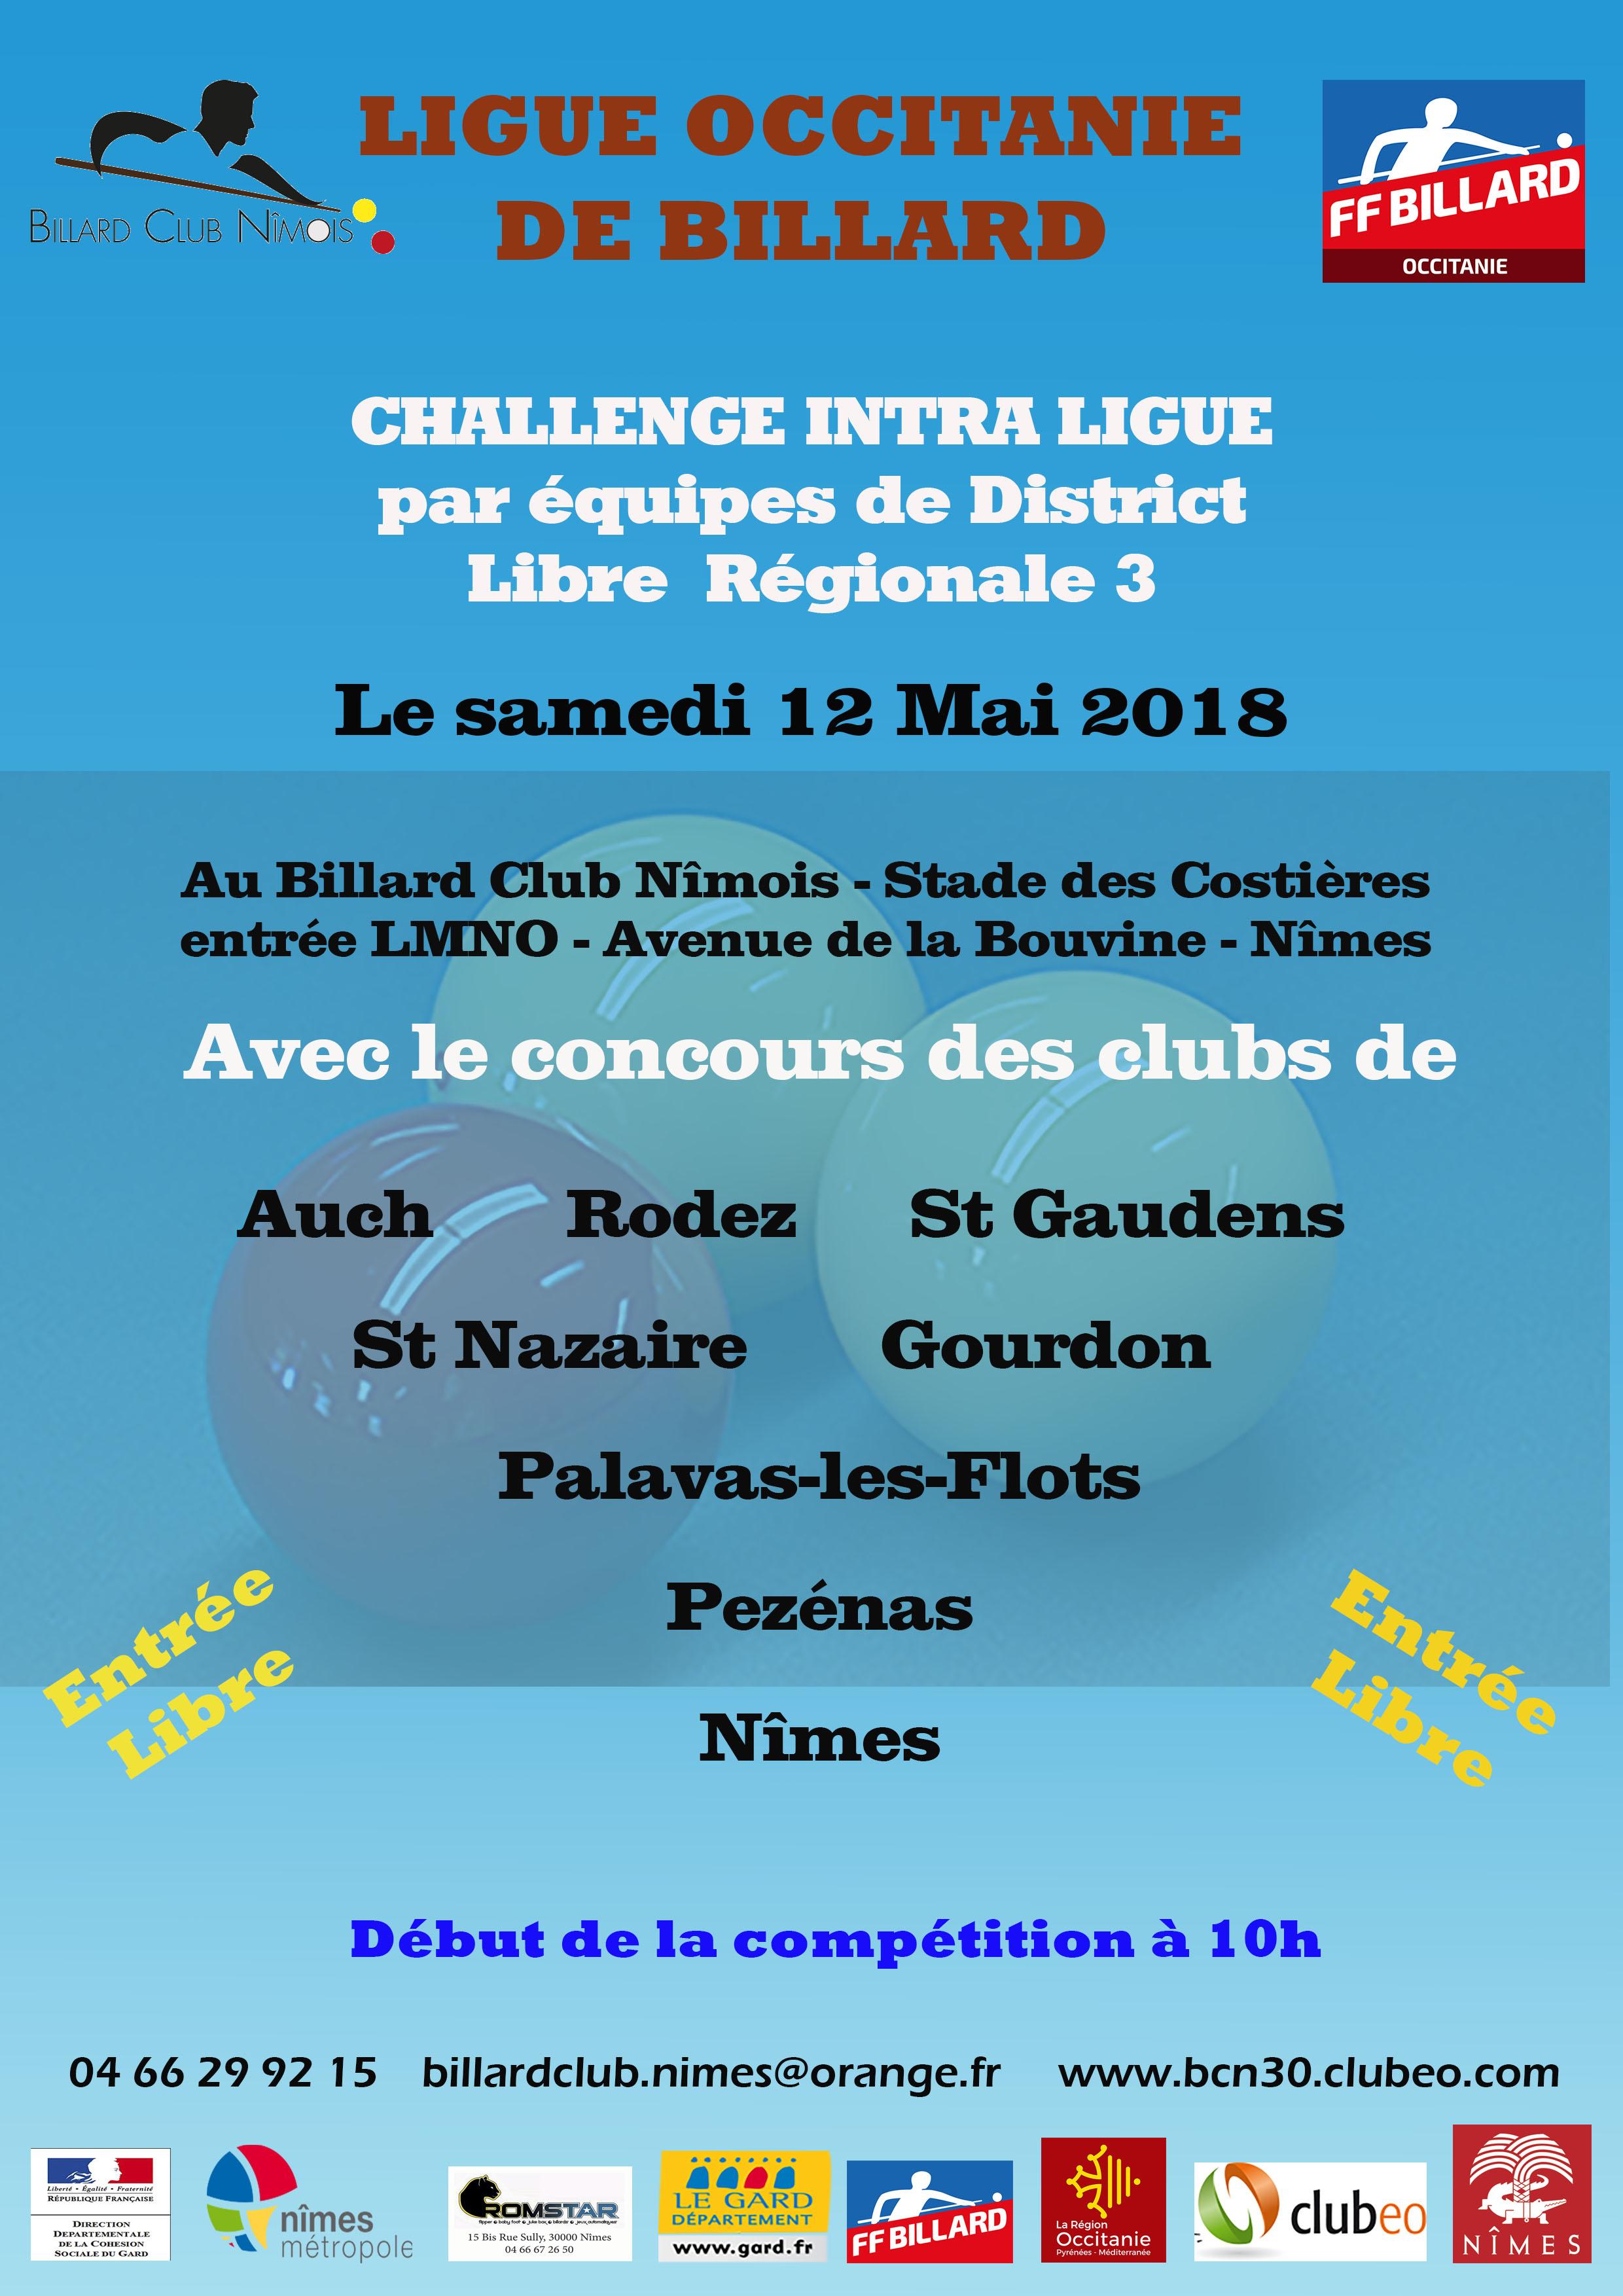 Challenge Intra Ligue par équipes - Libre R3